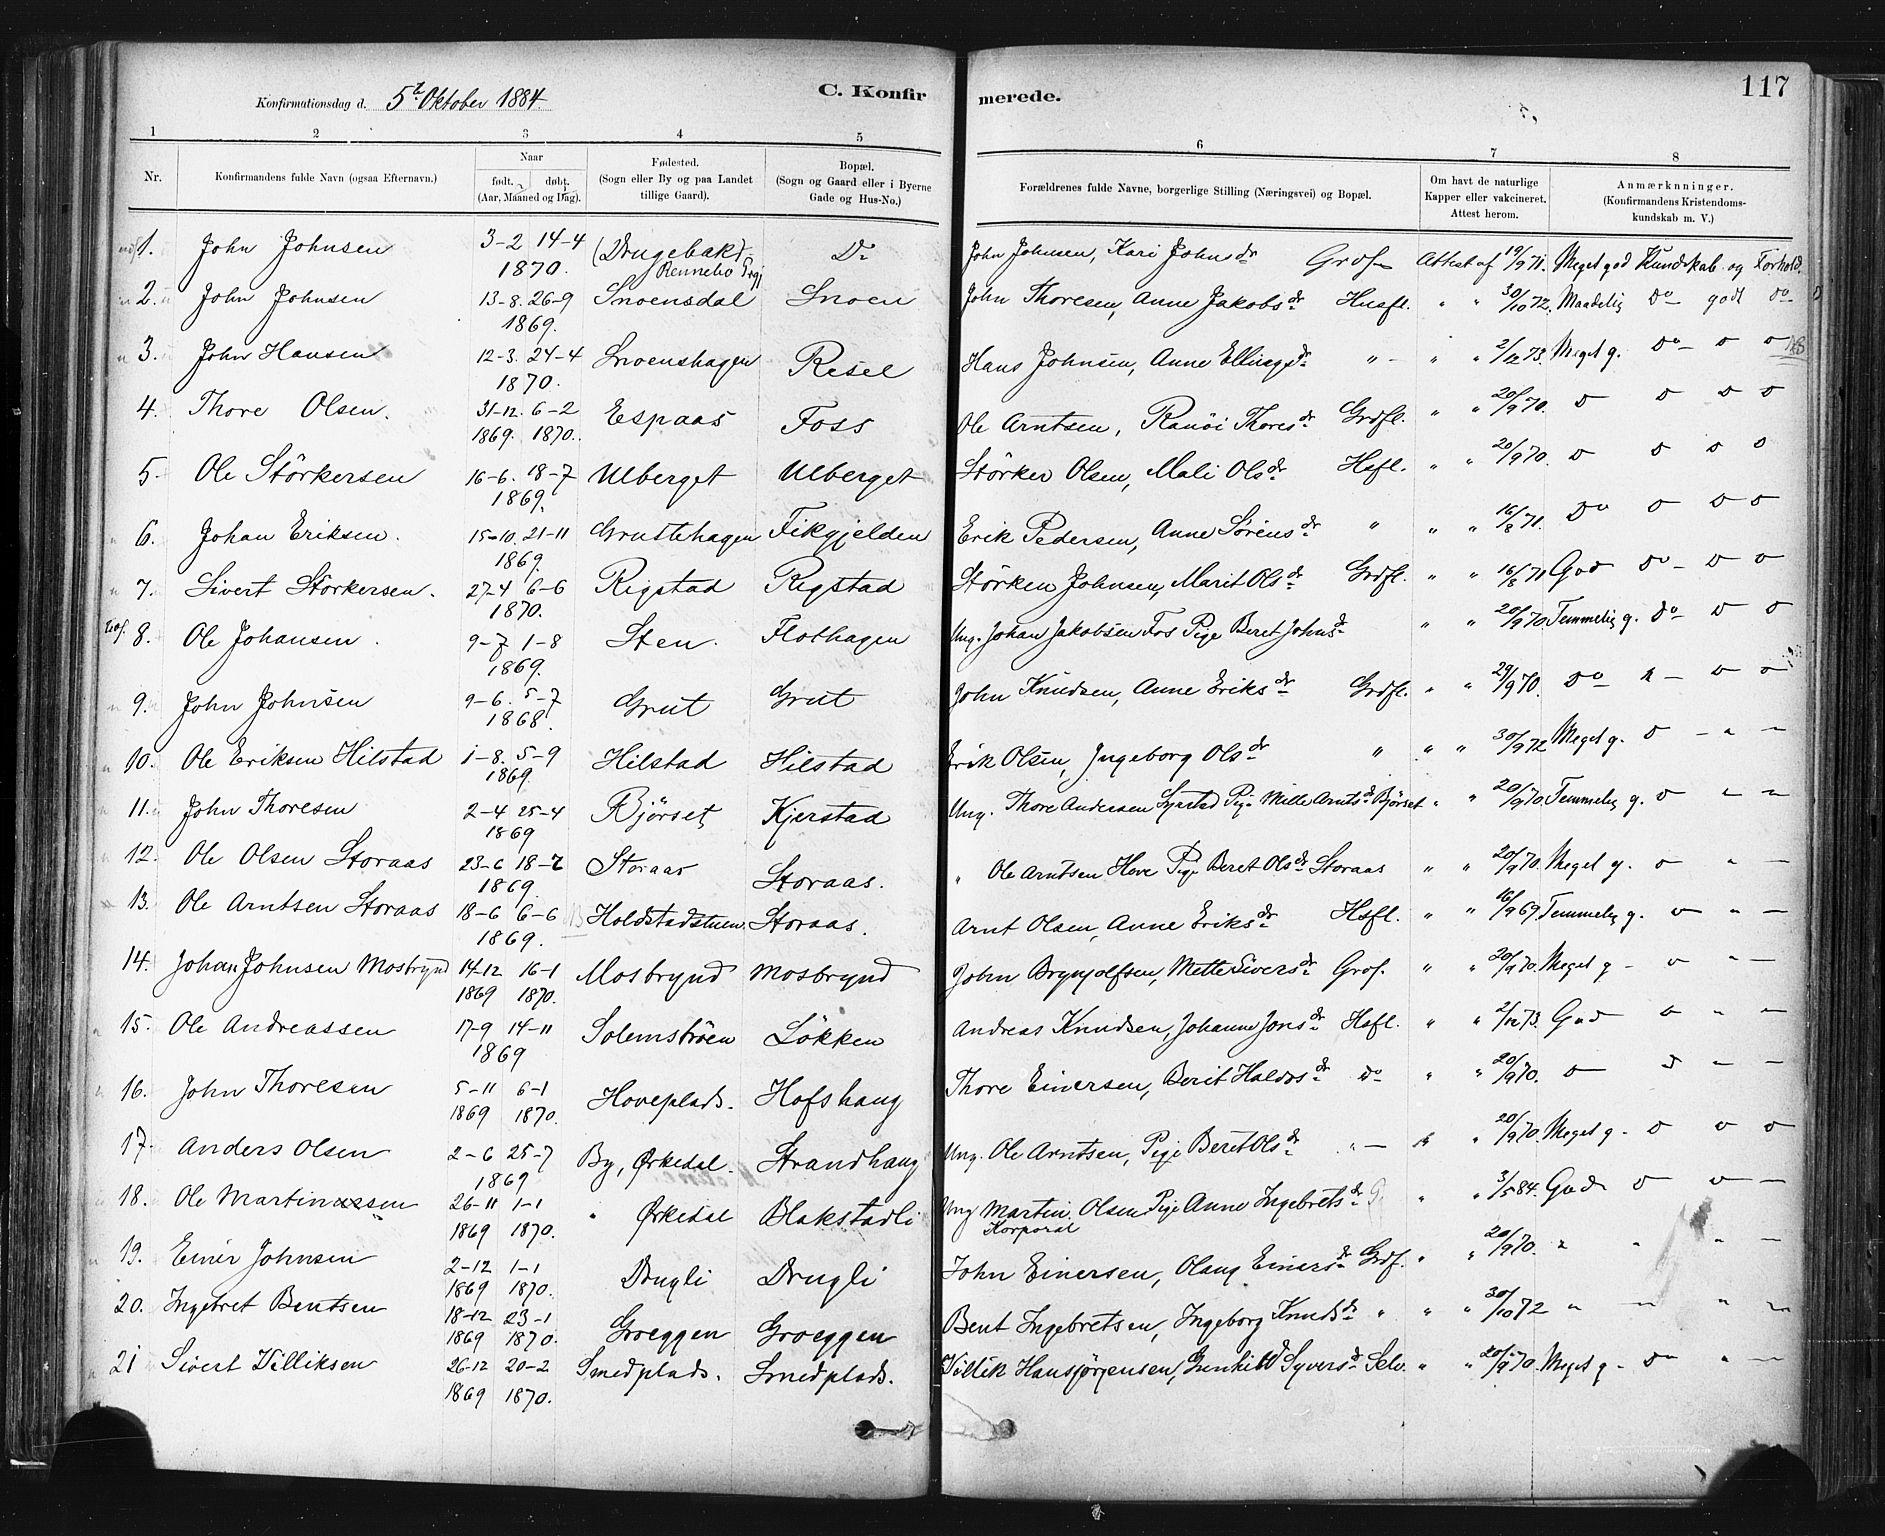 SAT, Ministerialprotokoller, klokkerbøker og fødselsregistre - Sør-Trøndelag, 672/L0857: Ministerialbok nr. 672A09, 1882-1893, s. 117